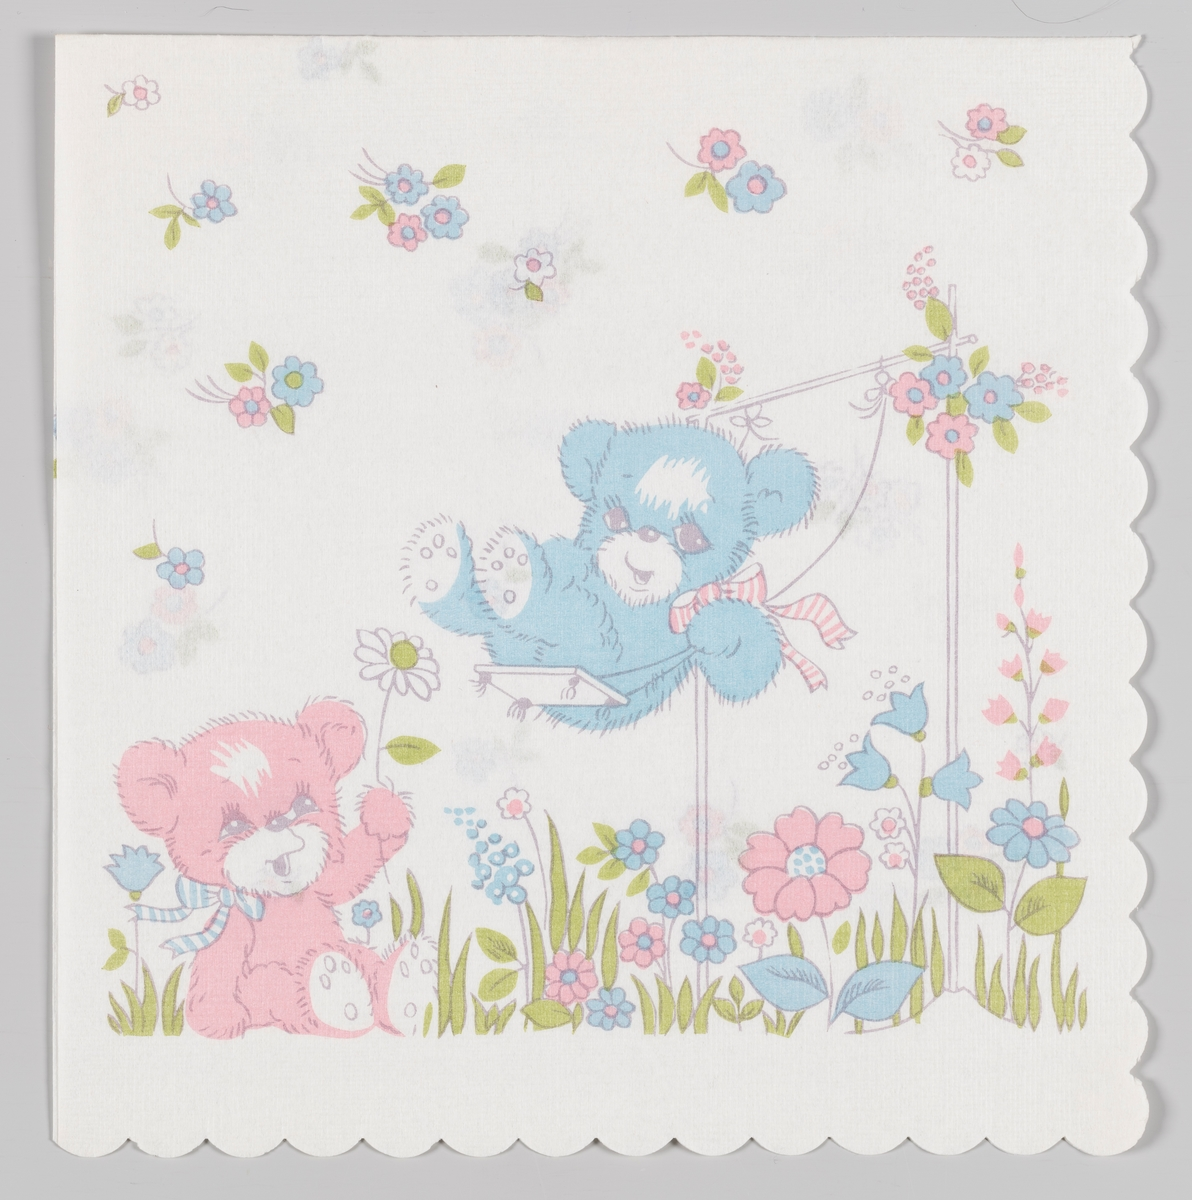 En lyseblå bamse som sitter på en huske og en rosa bamse som sitter i en blomstereng med rosa og lyseblå bomster.